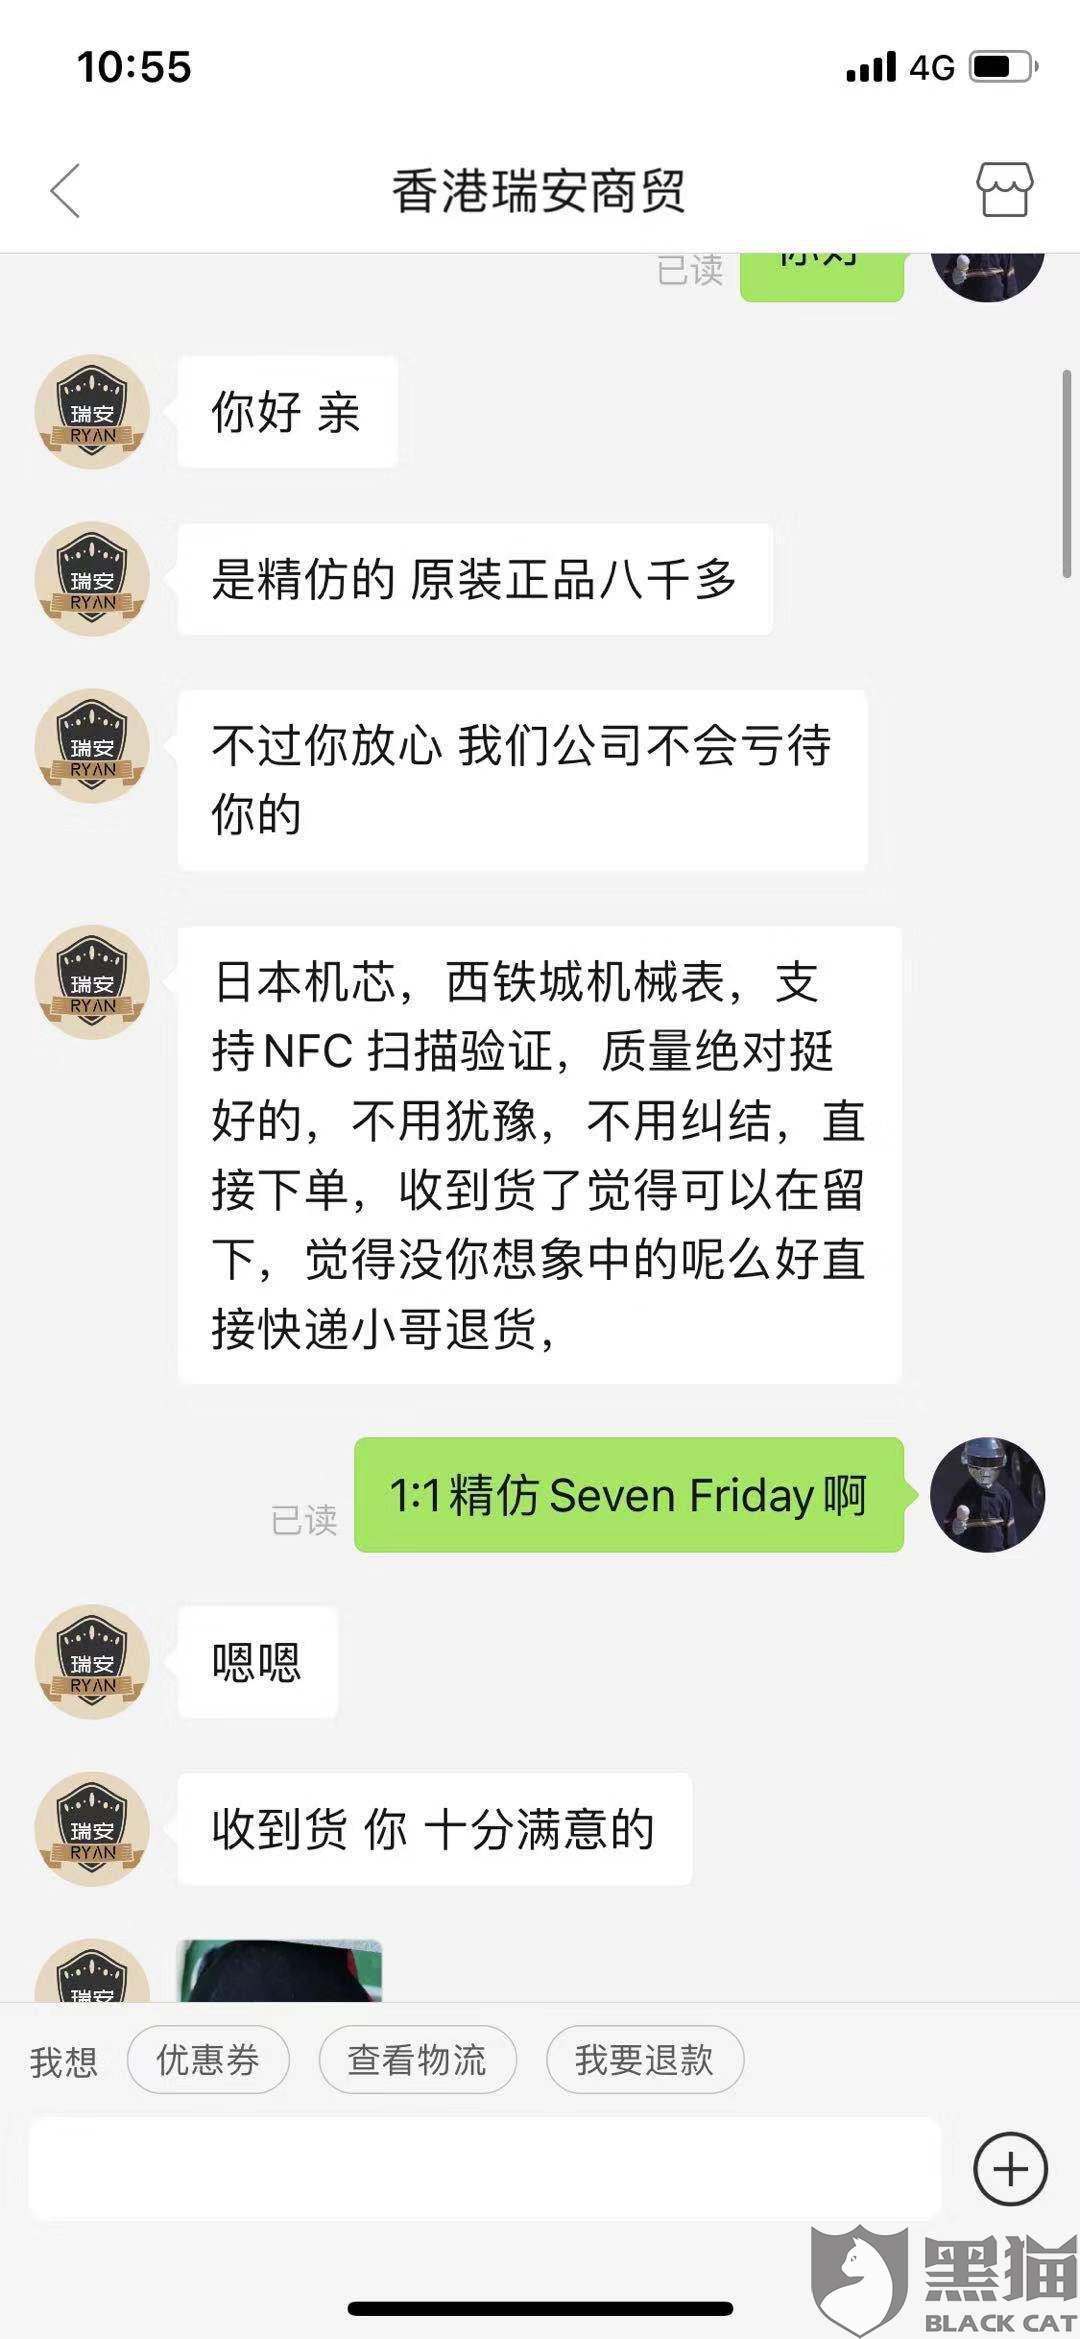 黑猫投诉:假货  香港瑞安商贸